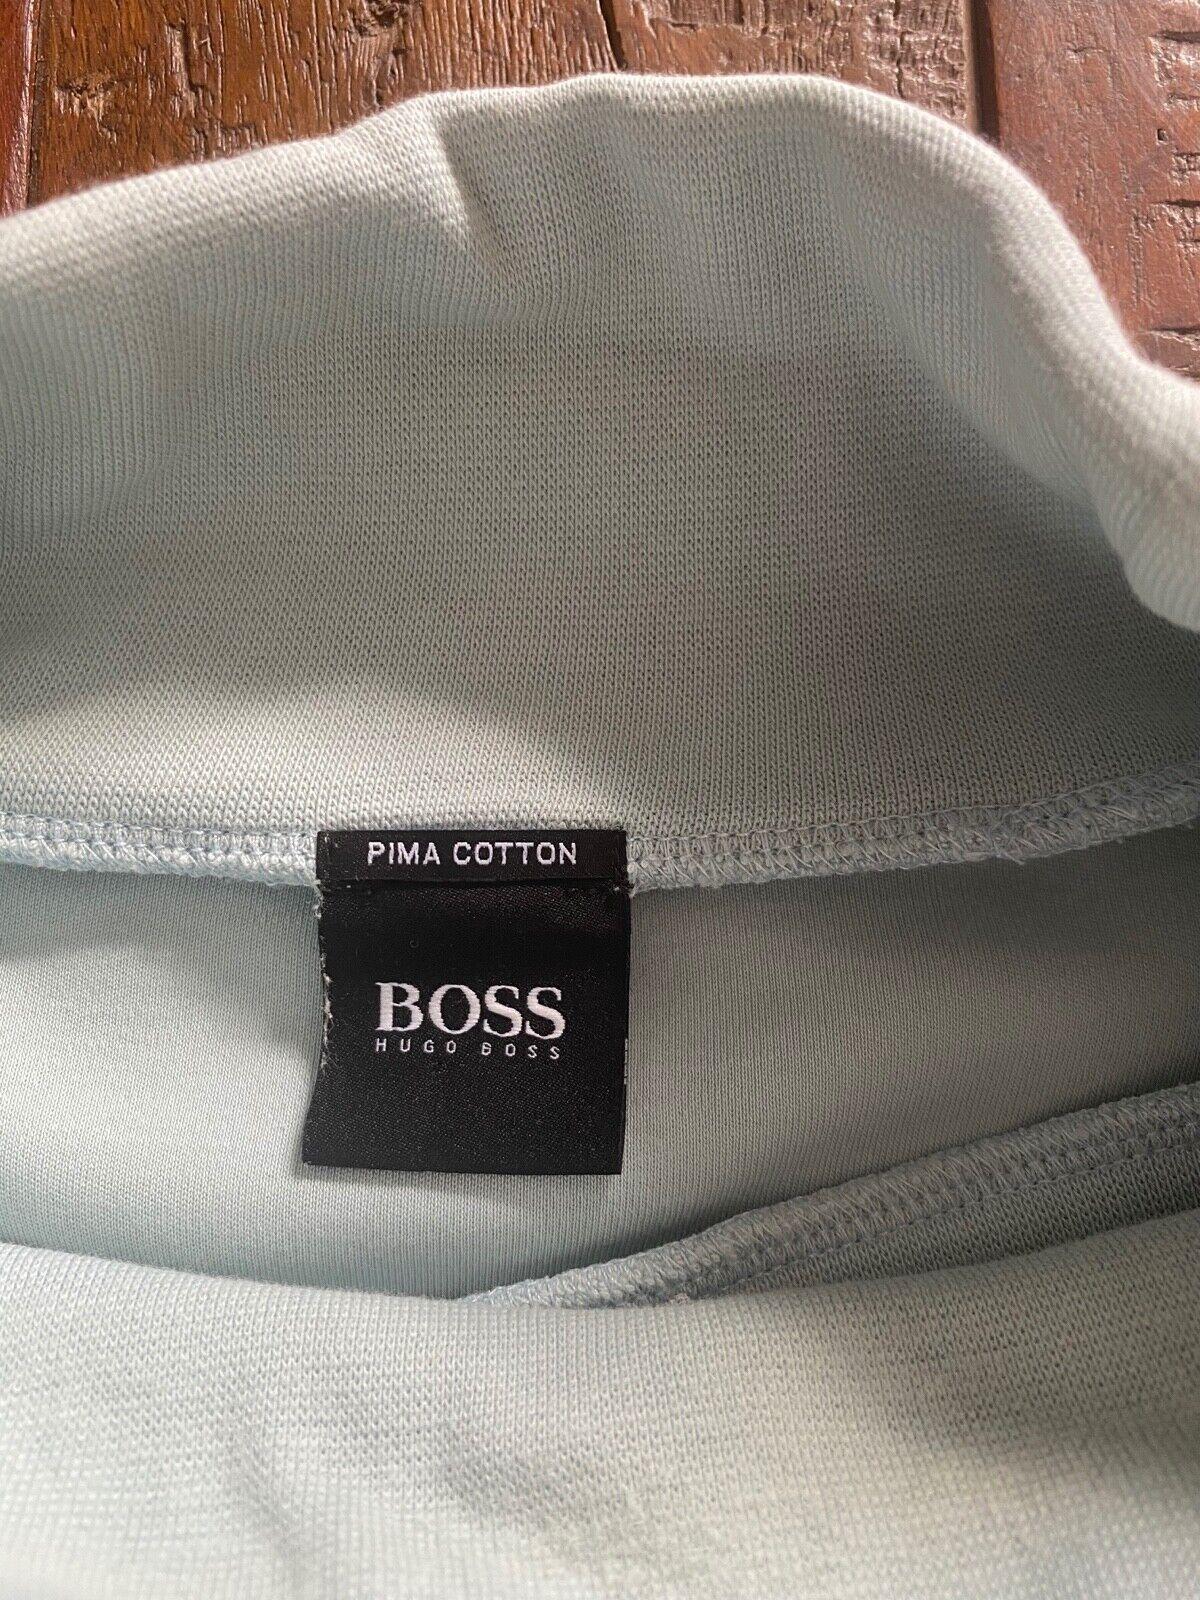 Boss Rollkragen, Shirt, Rolli